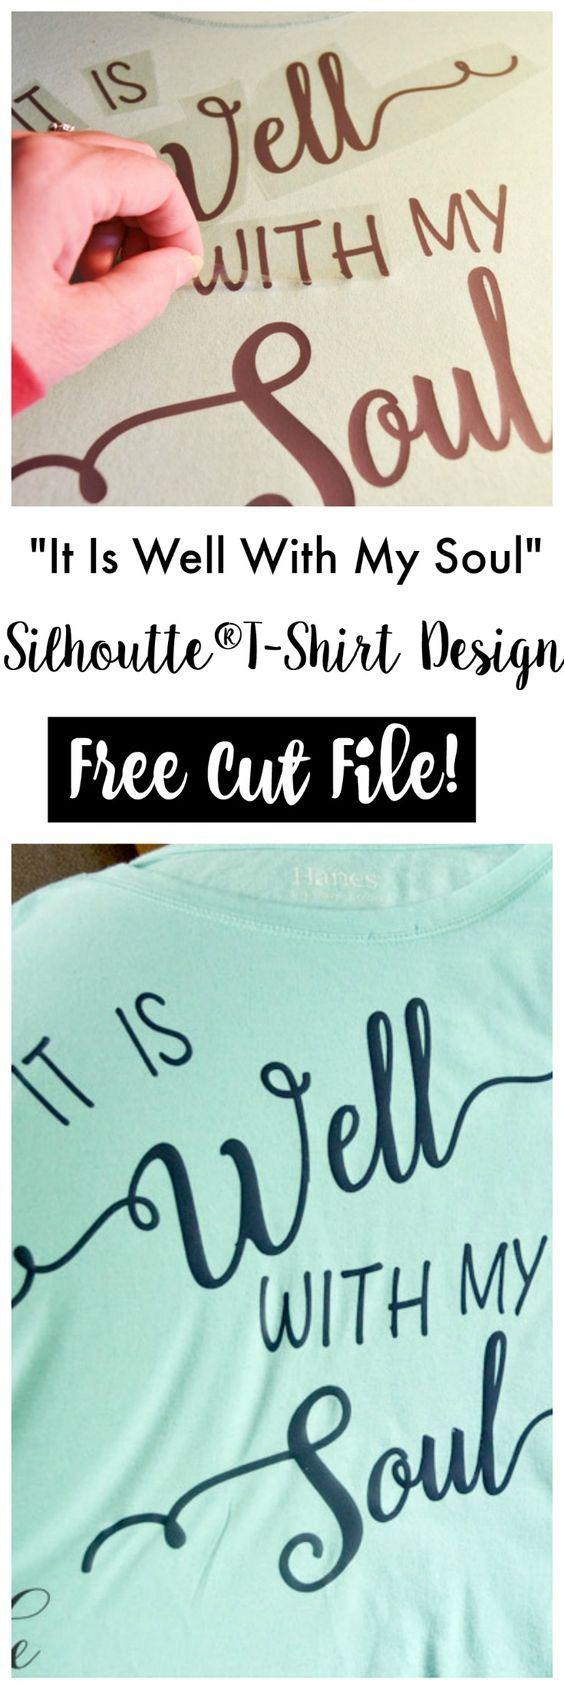 Best 20+ Cut t shirt designs ideas on Pinterest | Diy cut shirts ...